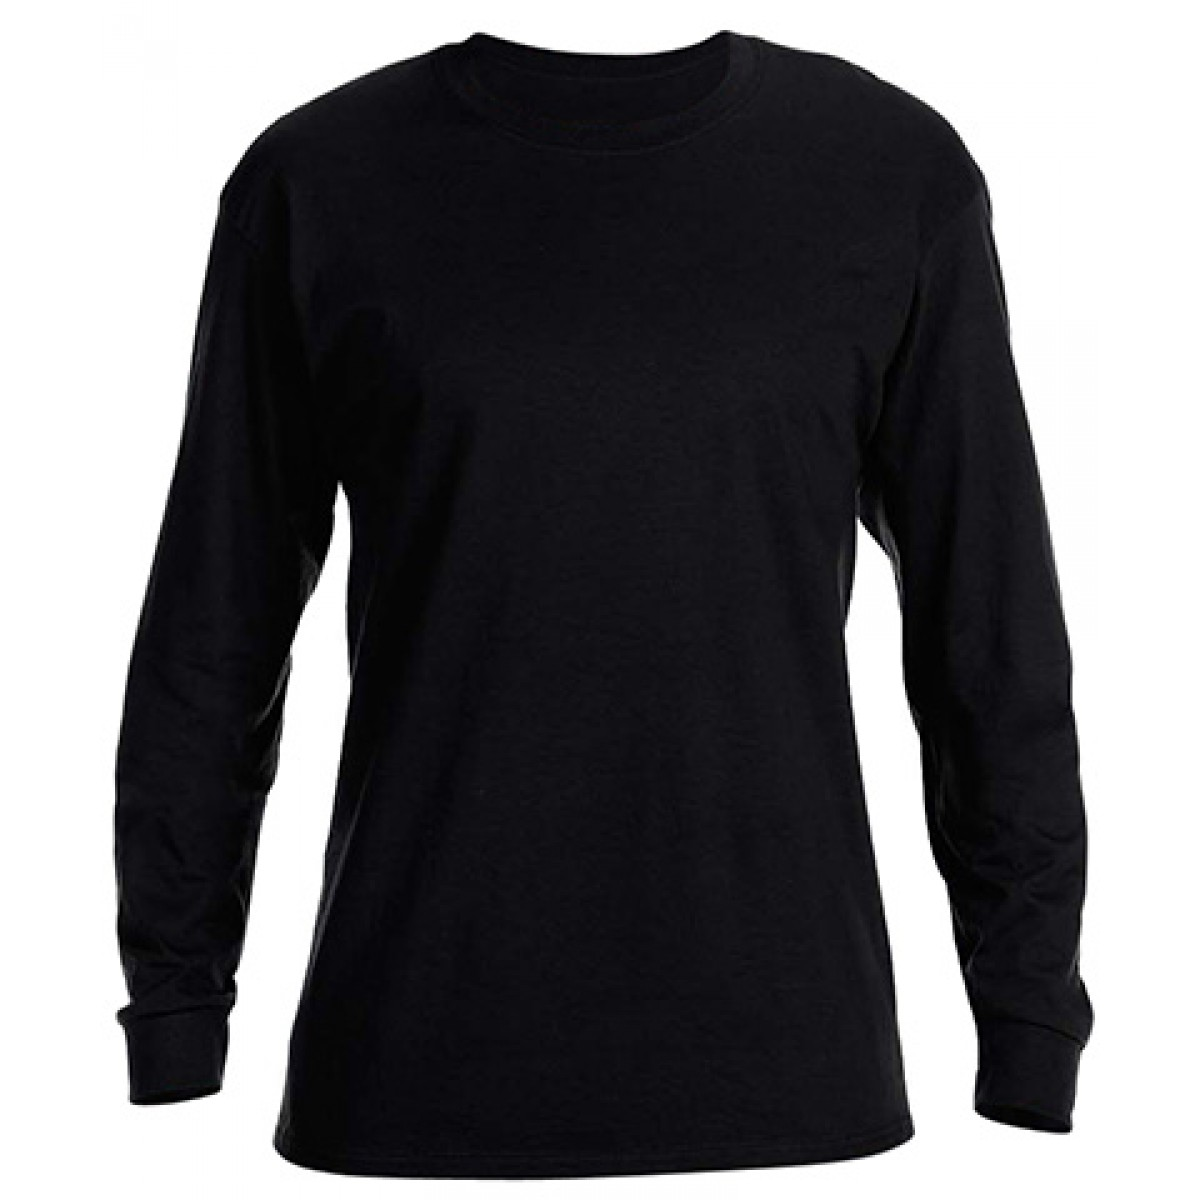 Ultra Cotton Long-Sleeve T-Shirt-Black-YL